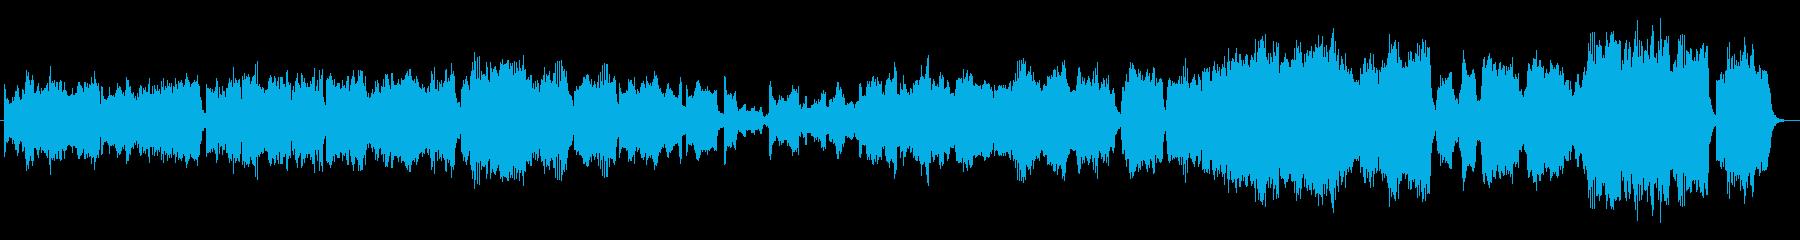 映像に最適な優しい旋律の心温まる作品の再生済みの波形